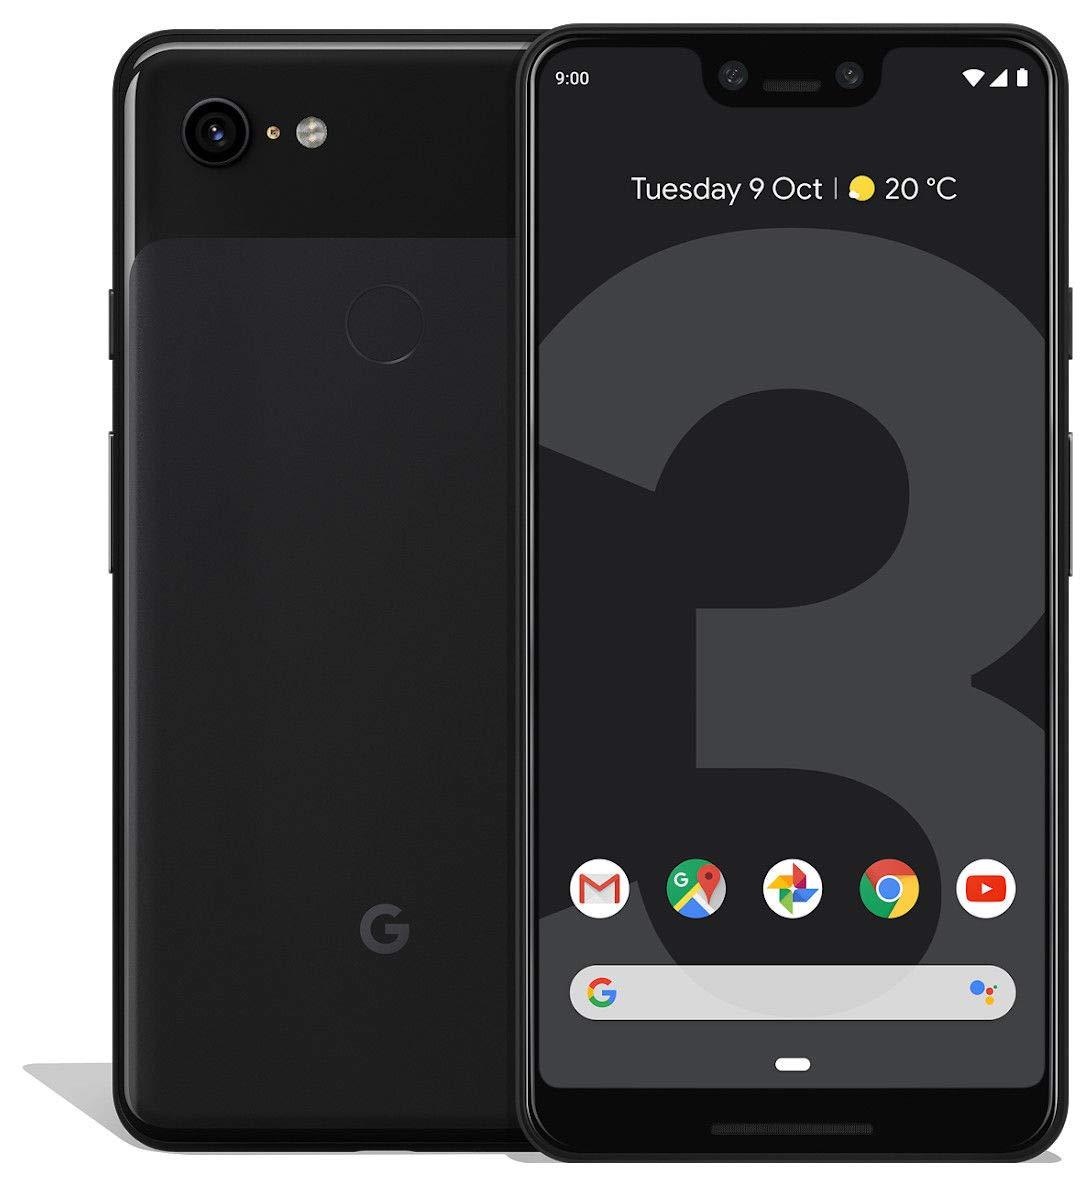 Google Pixel 3 XL - 128GB, 4GB RAM, 4G LTE, Just Black